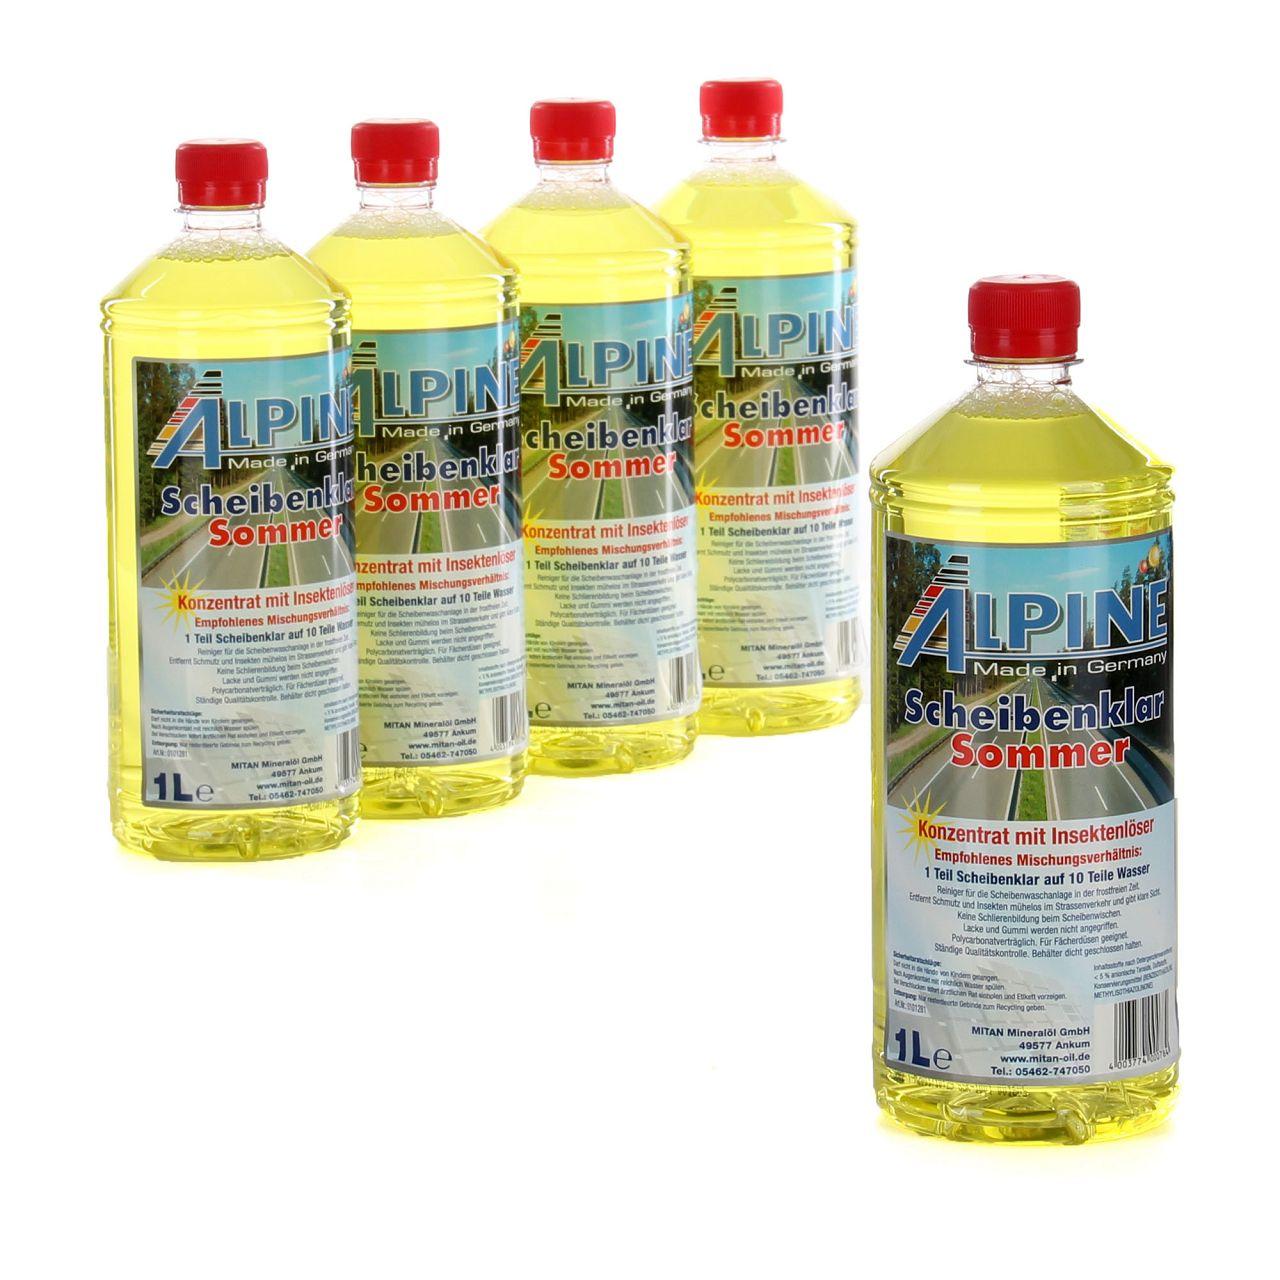 5x 1 Liter ALPINE Scheibenklar Sommer 1:10 Konzentrat Insektenlöser Citrusduft